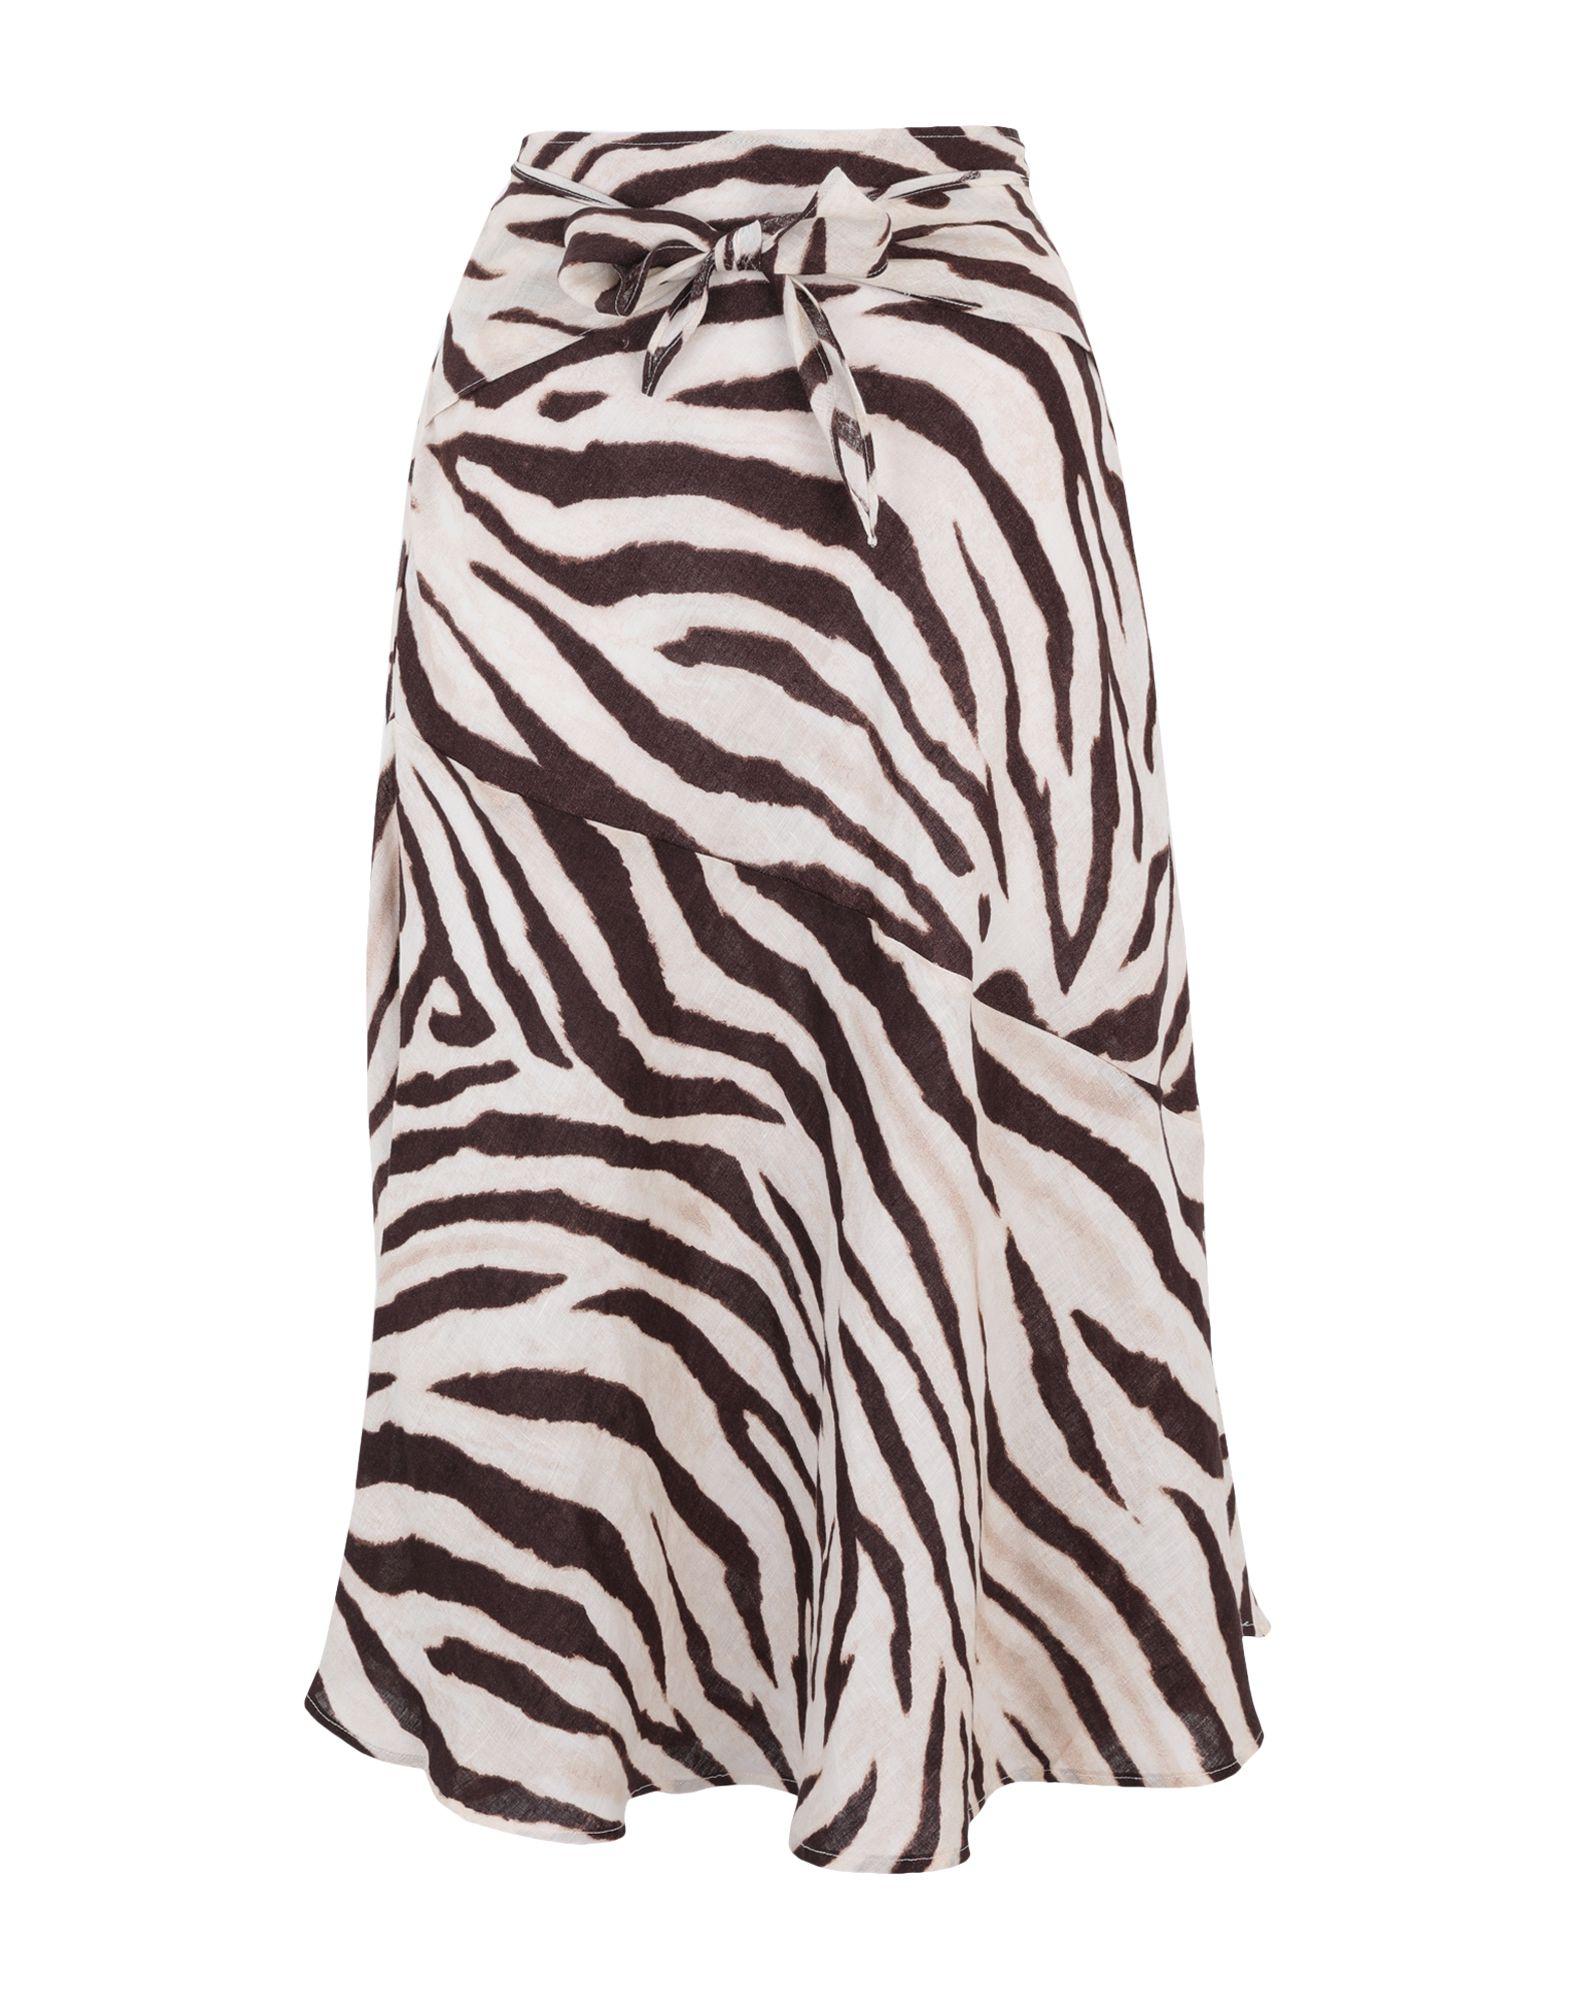 LAUREN RALPH LAUREN Юбка длиной 3/4 lauren ralph lauren new black colorblock sleeveless dress 4 $124 dbfl page 4